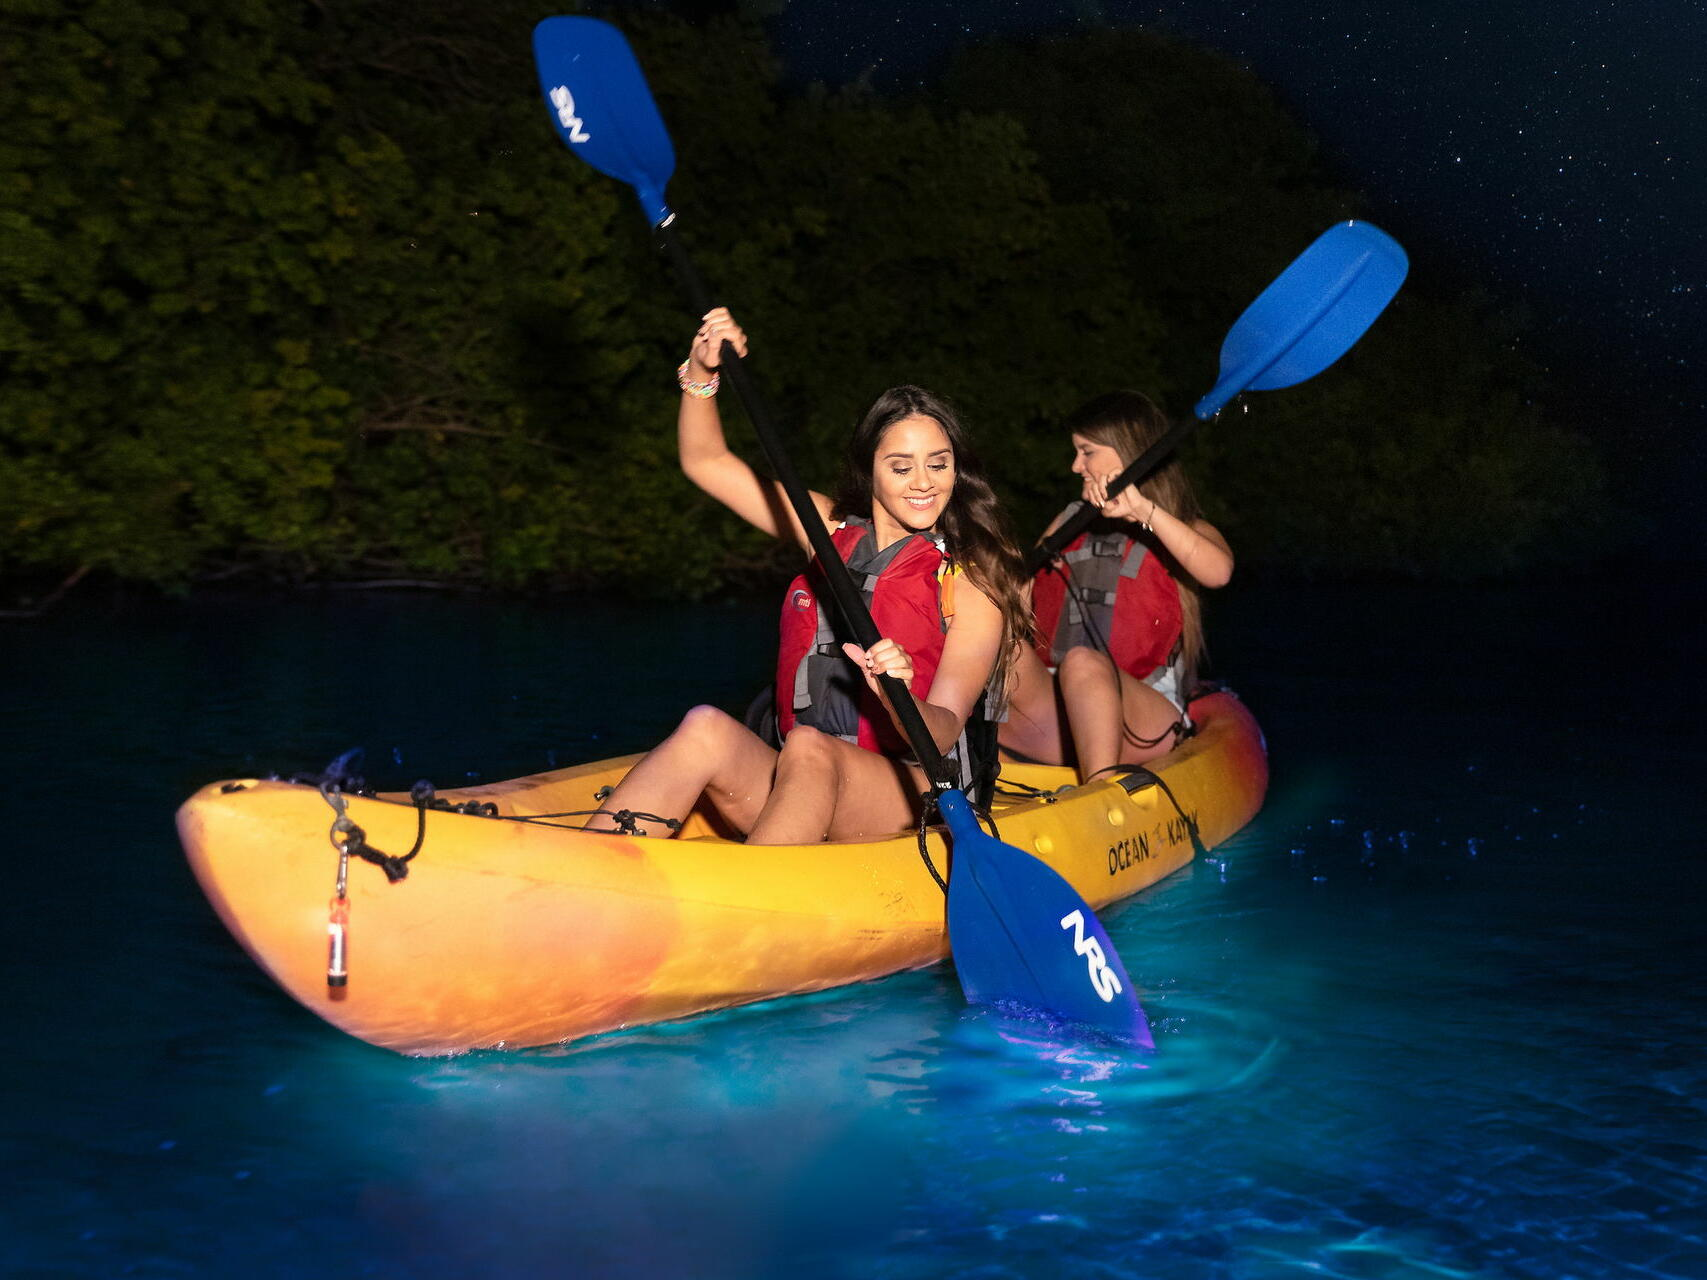 two women kayaking at night